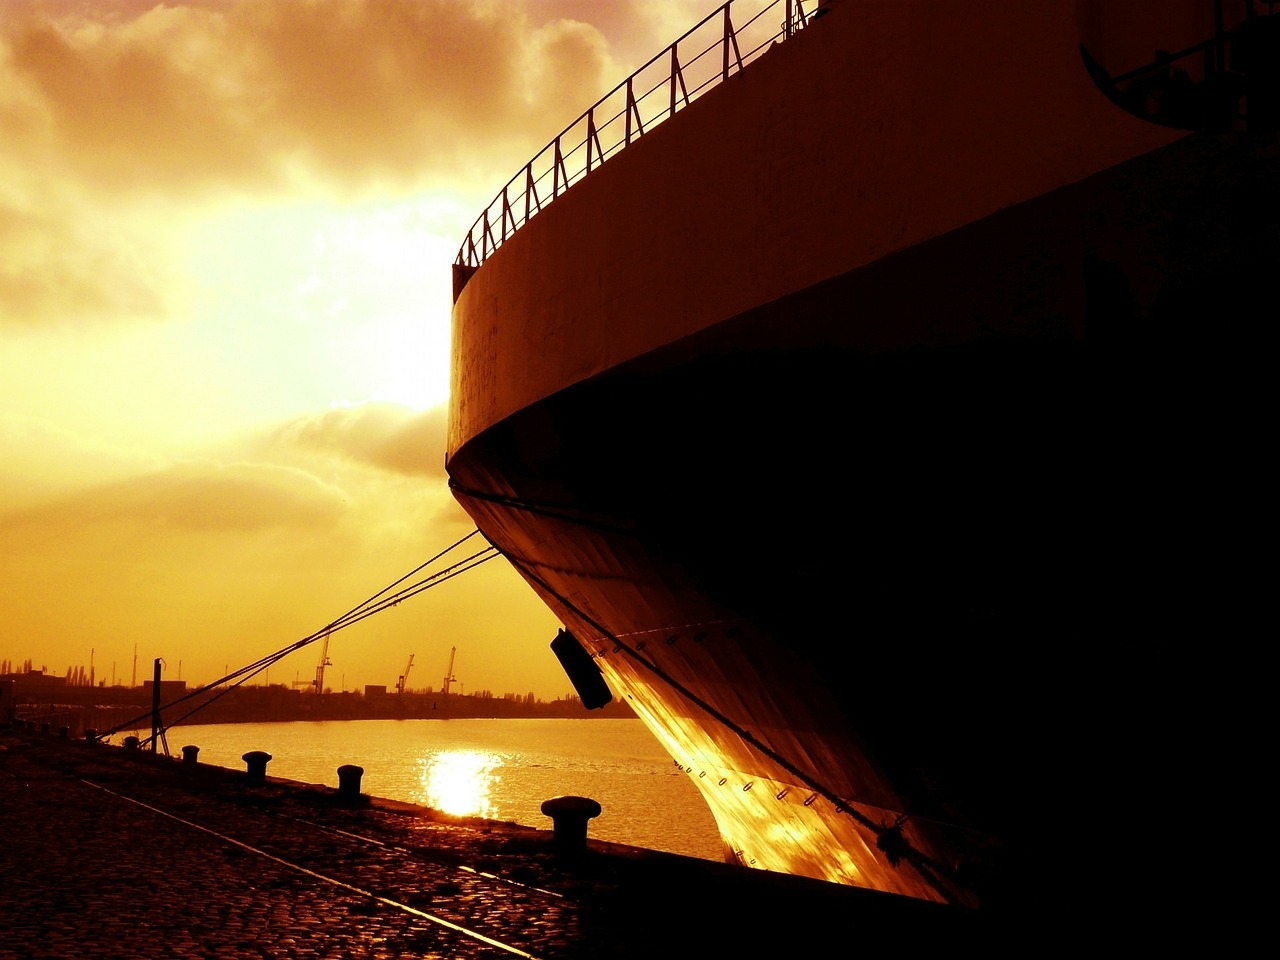 Majanduskomisjon astus järgmise sammu laevade Eesti lipu alla toomisel